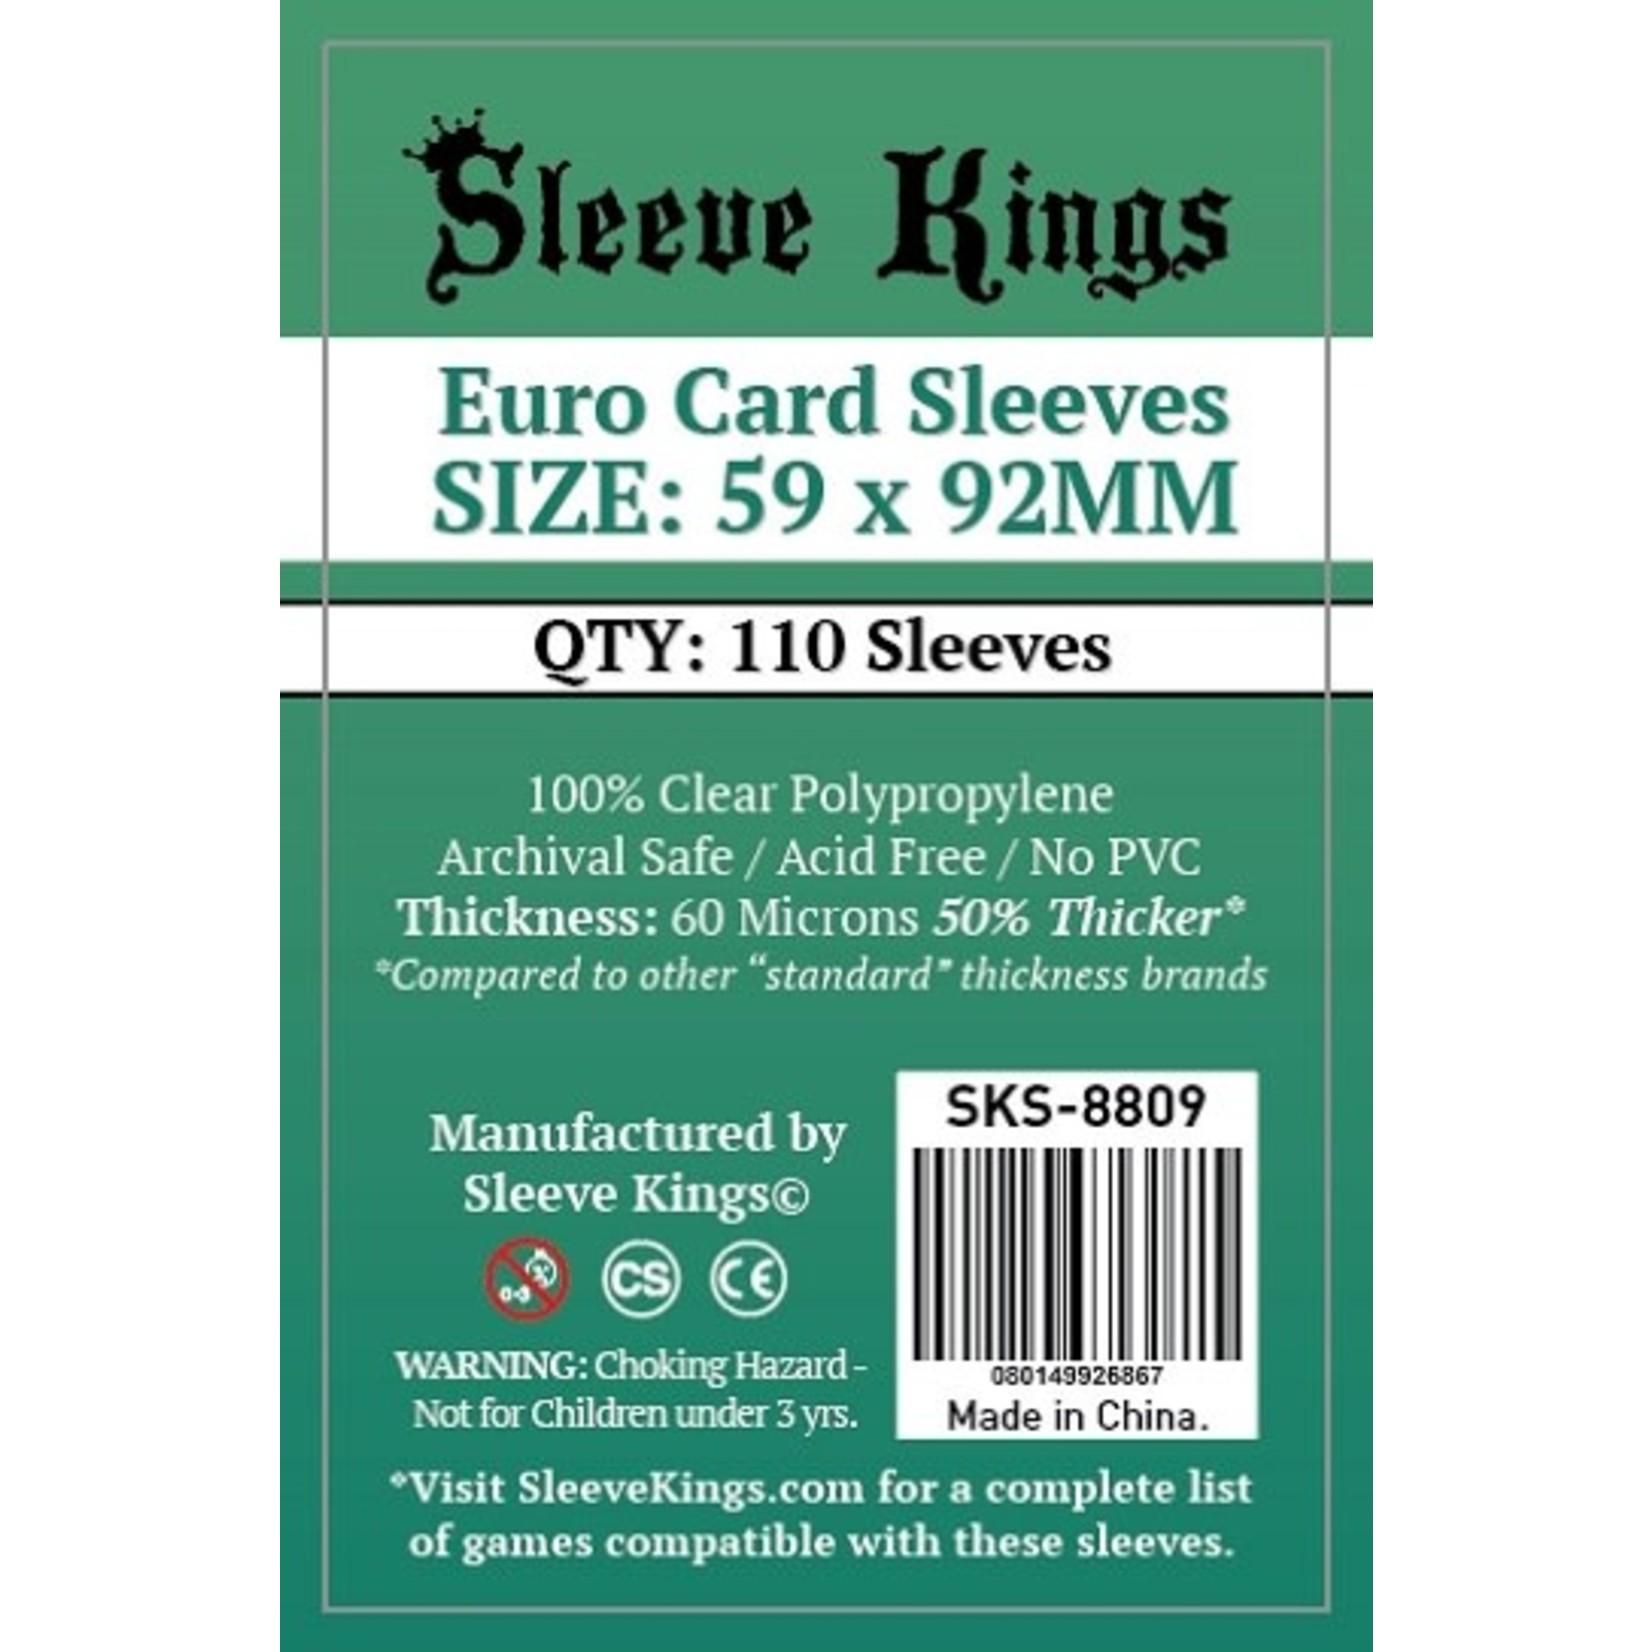 Sleeve Kings Sleeve KingS 59MM x 92MM